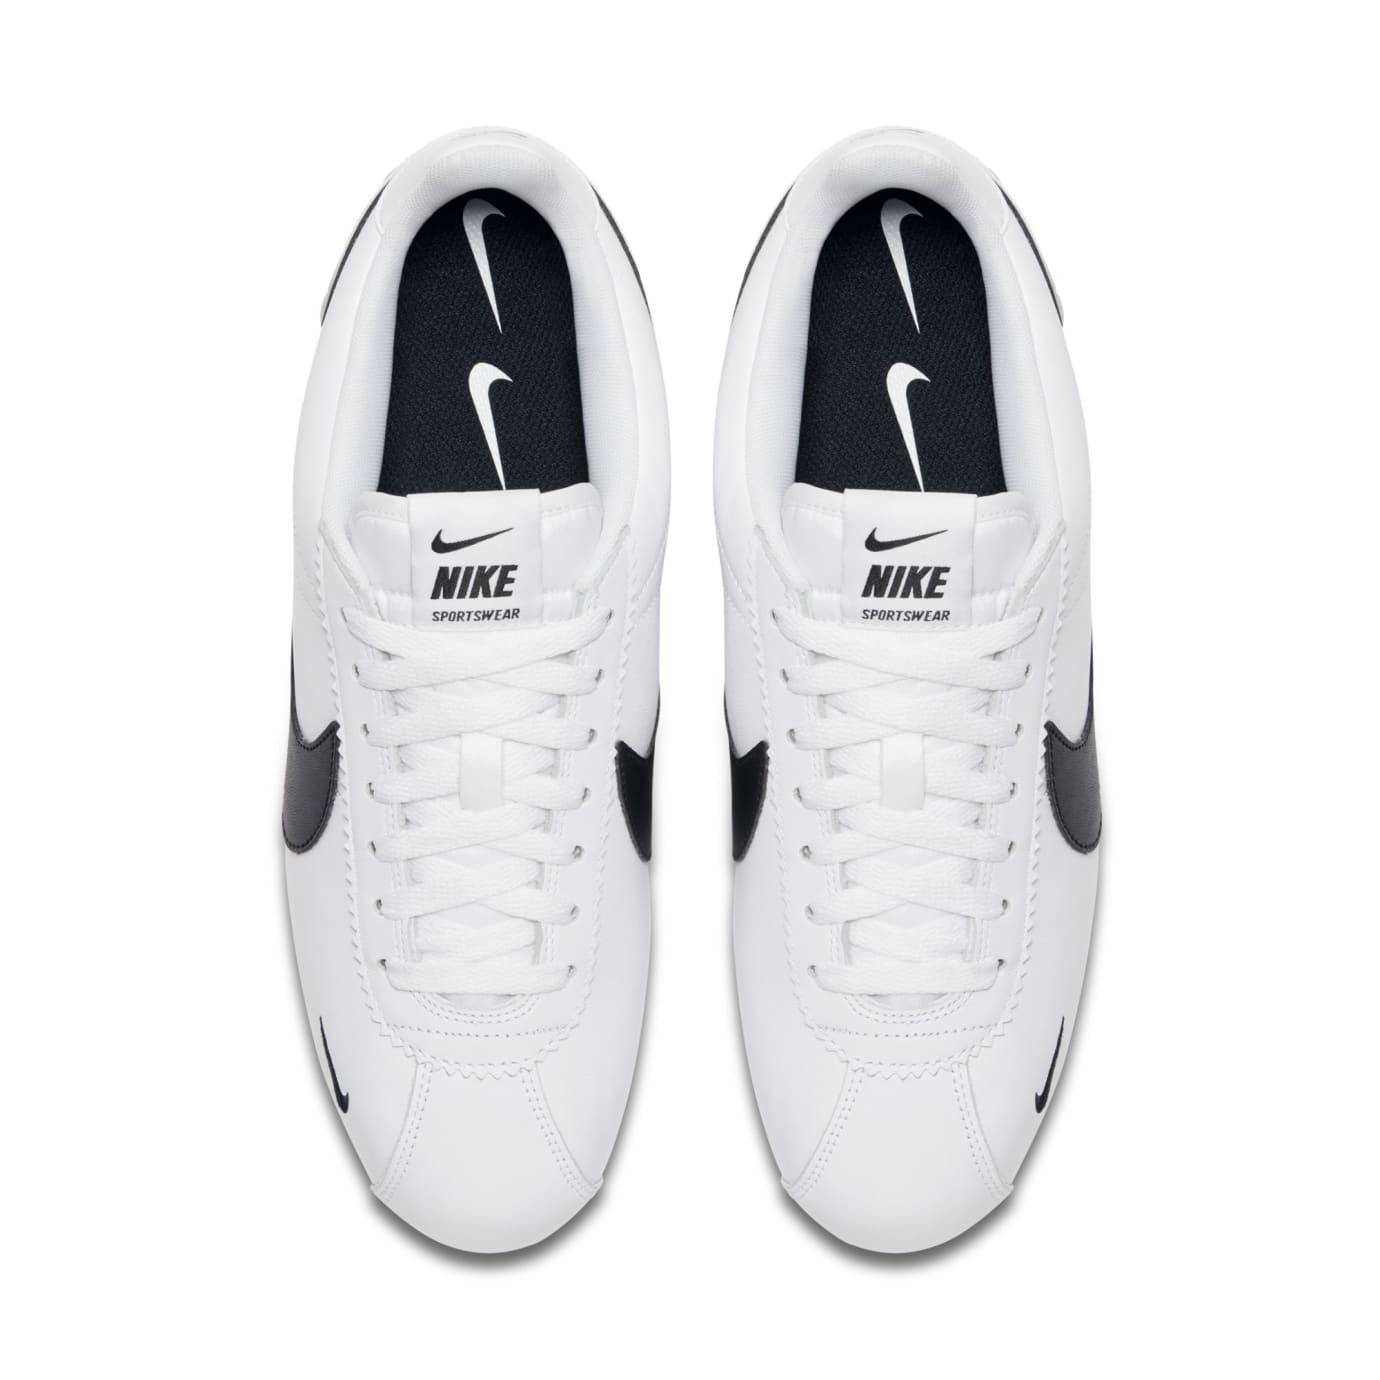 9c16ec66071 Image via US11 · Nike Cortez Classic Premium  Swoosh  (Top)